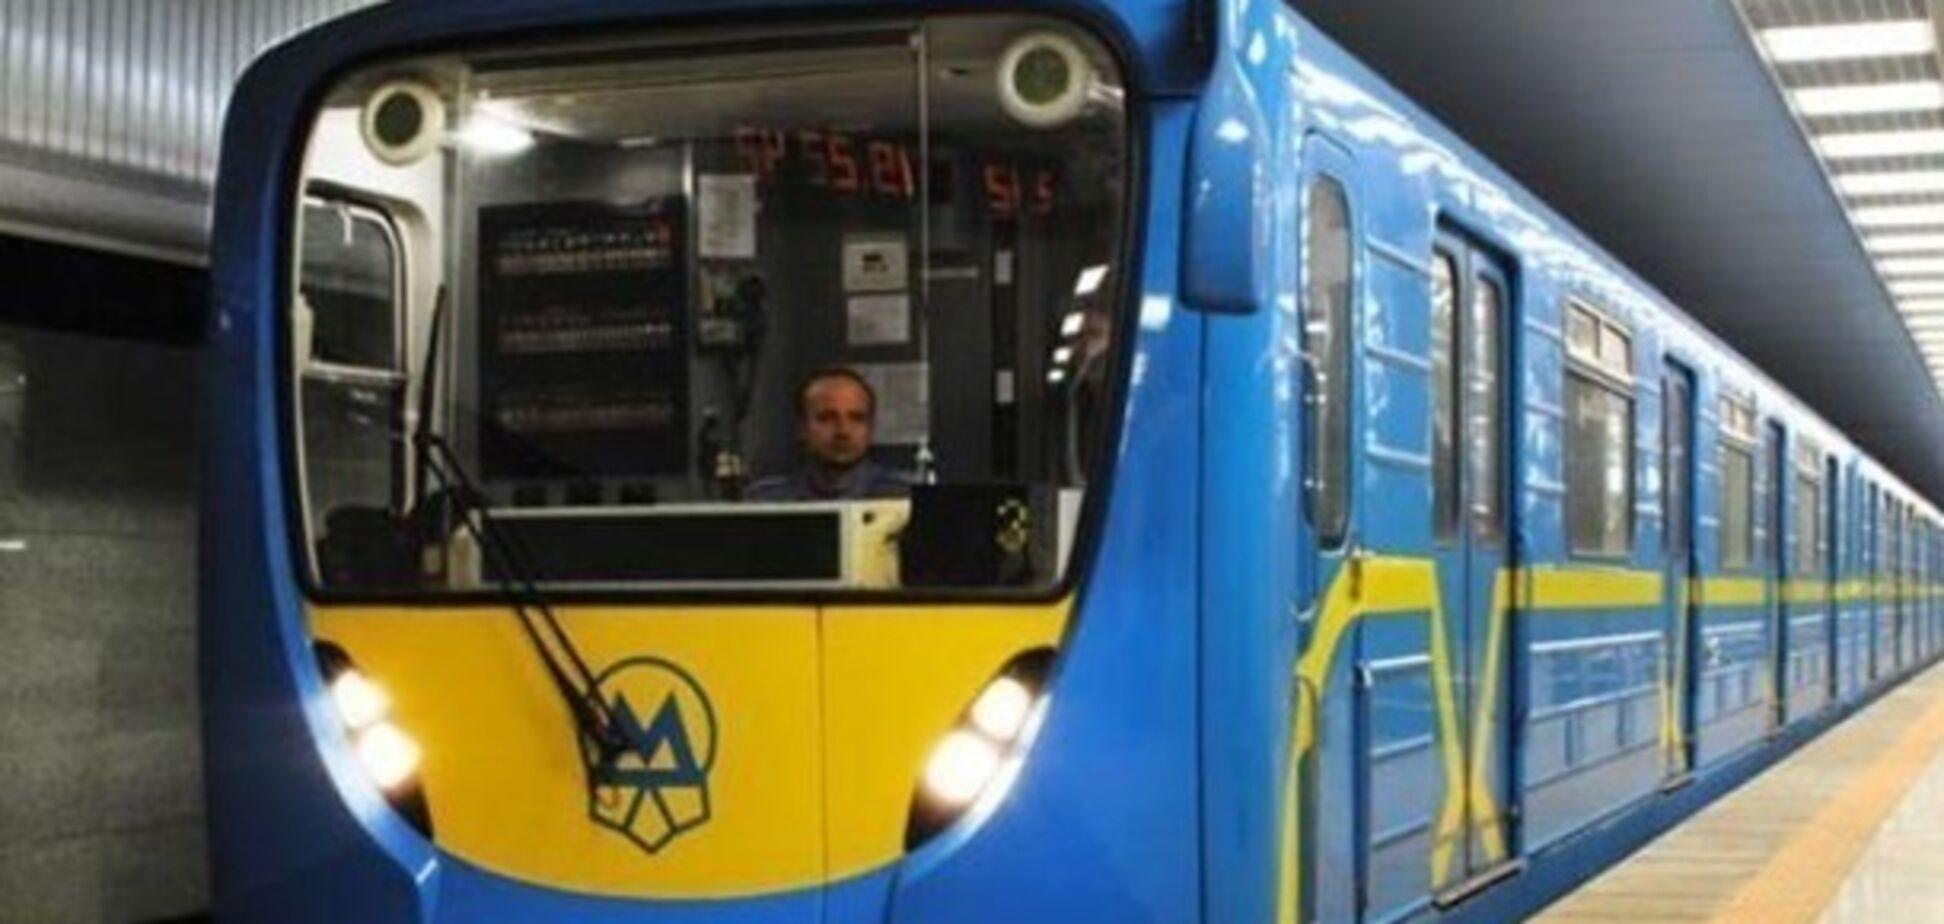 В Киеве экстренно закрыли одну из станций метро: что случилось